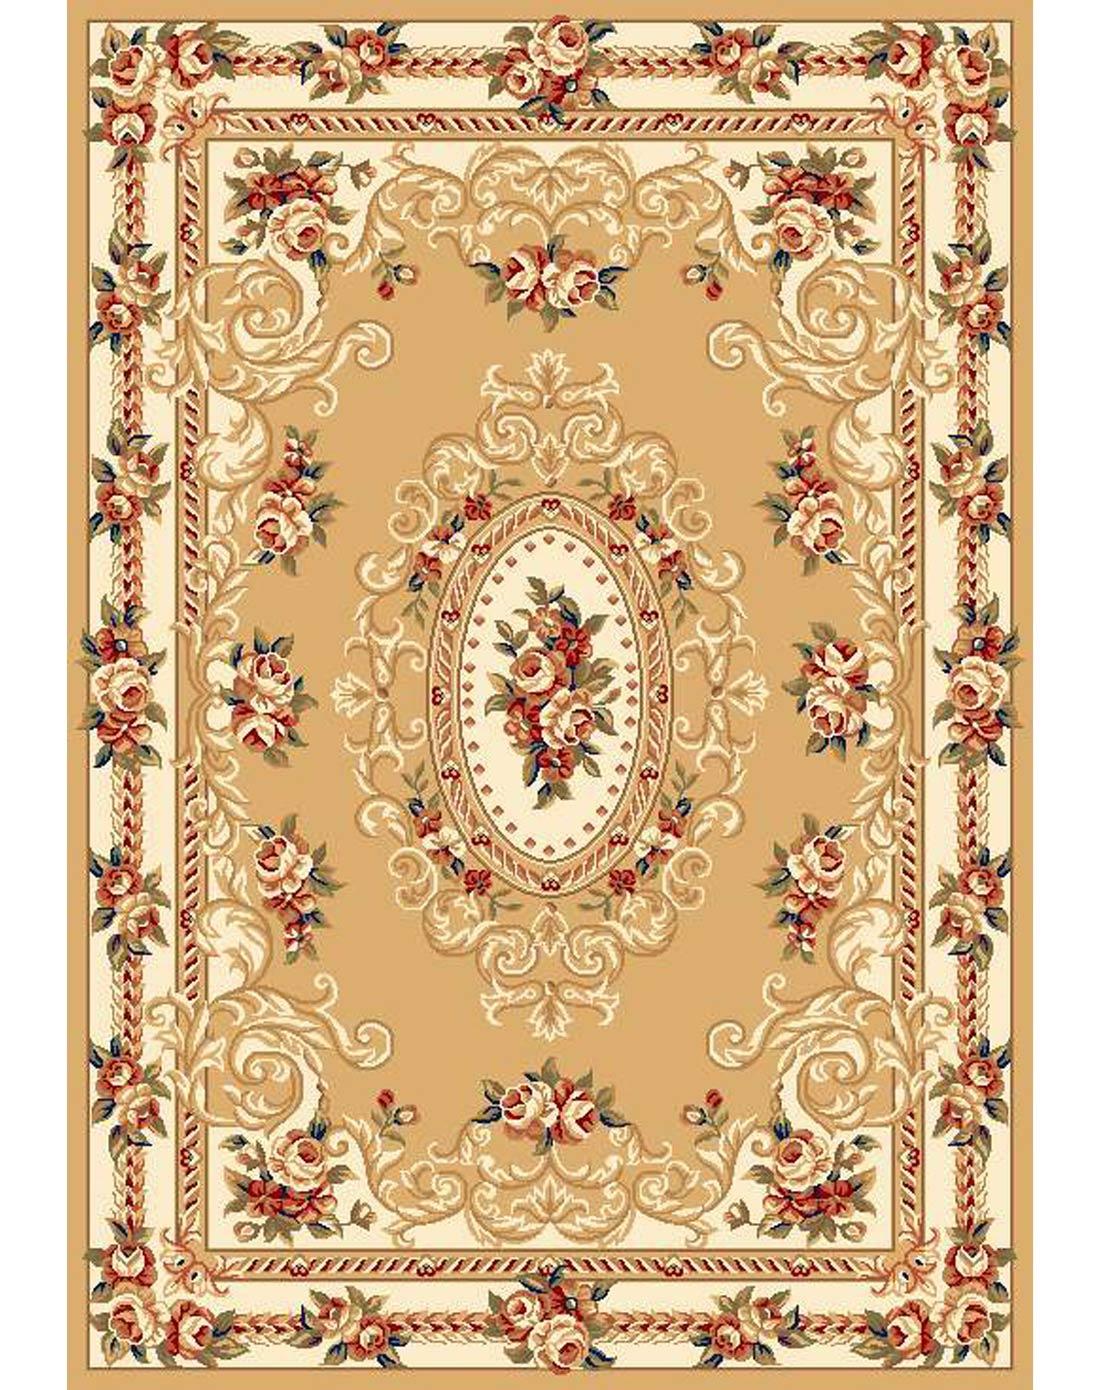 伊斯曼18y欧式客厅地毯 尊贵奢华 240*340cm